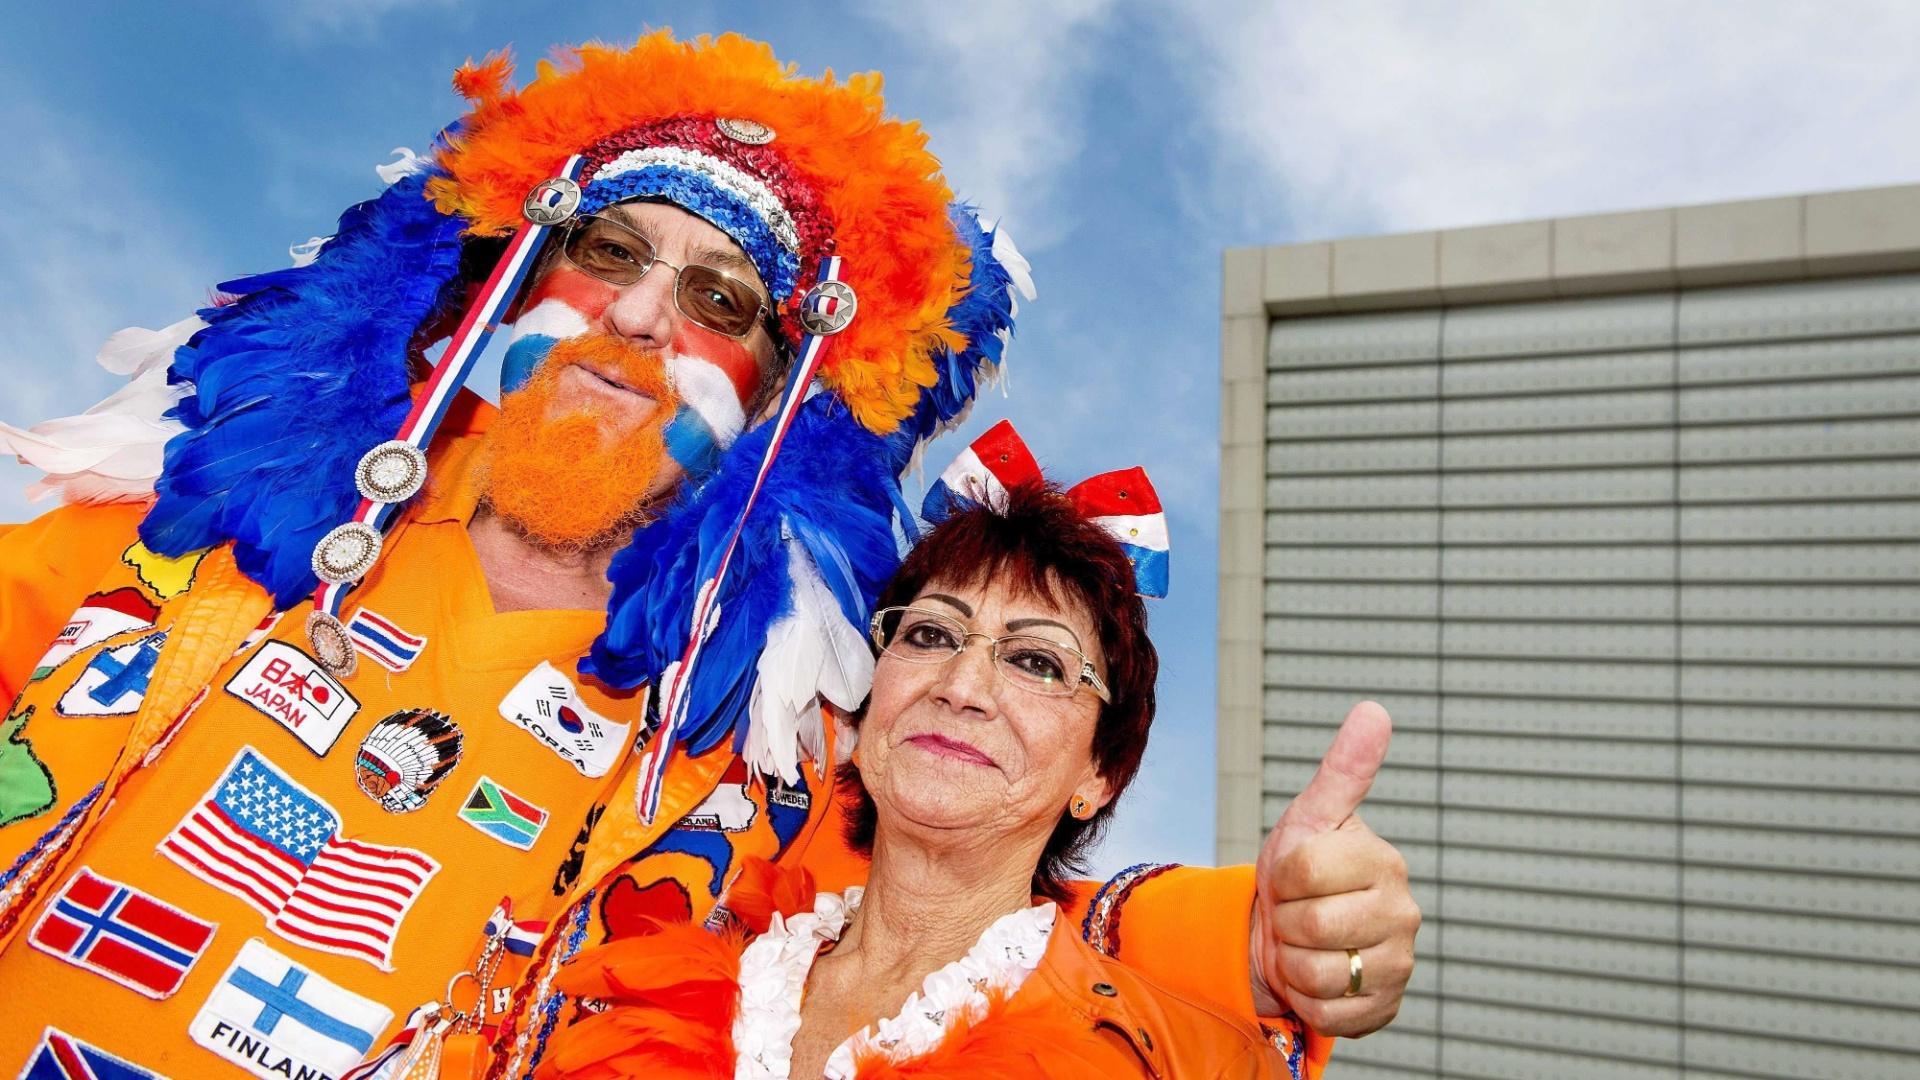 Holandeses capricham na fantasia para acompanhar o jogo contra o Chile no Itaquerão